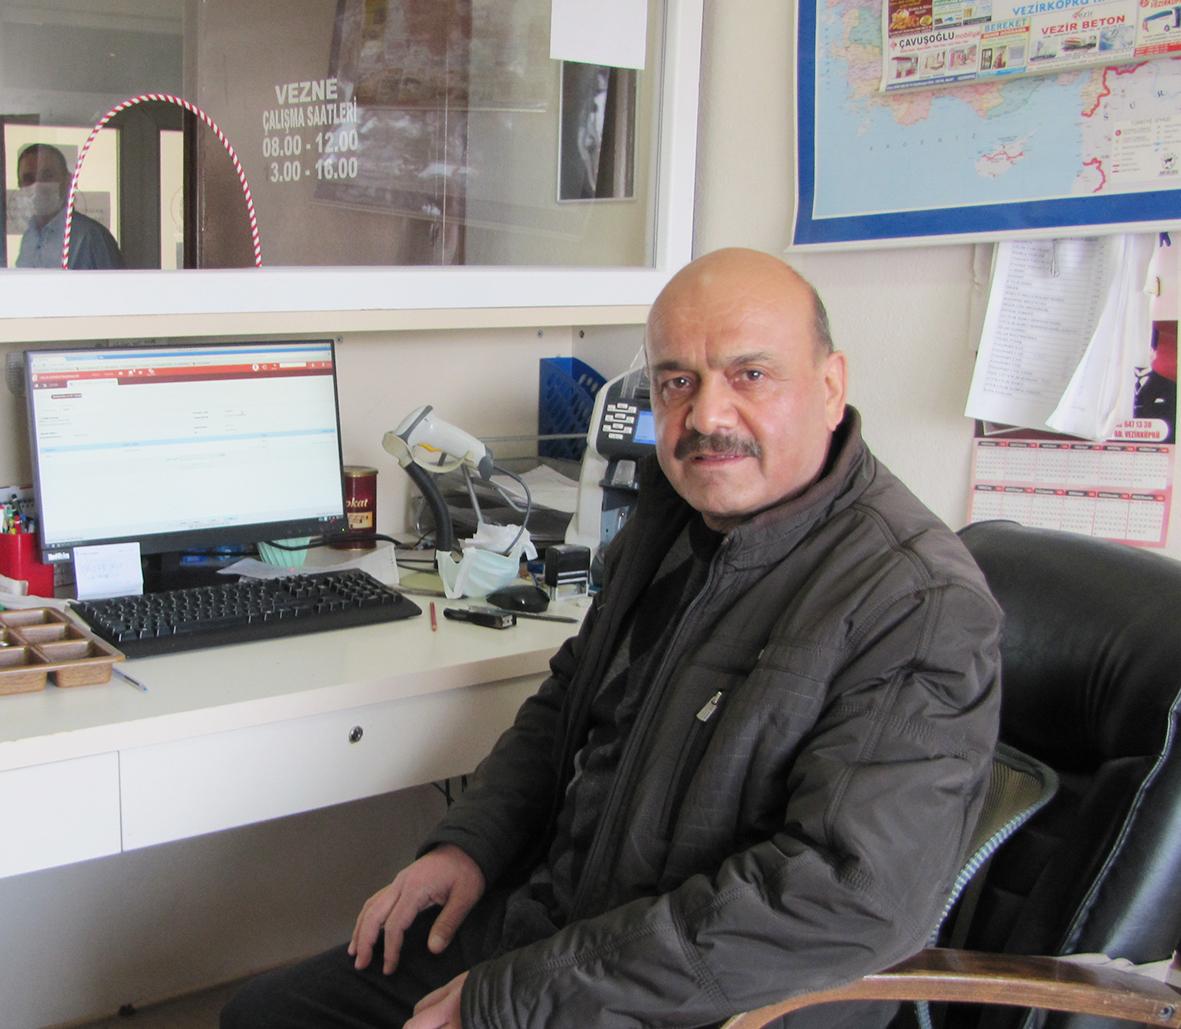 Vezirköprü'de göreve başladı, Vezirköprü'den Emekli Oldu